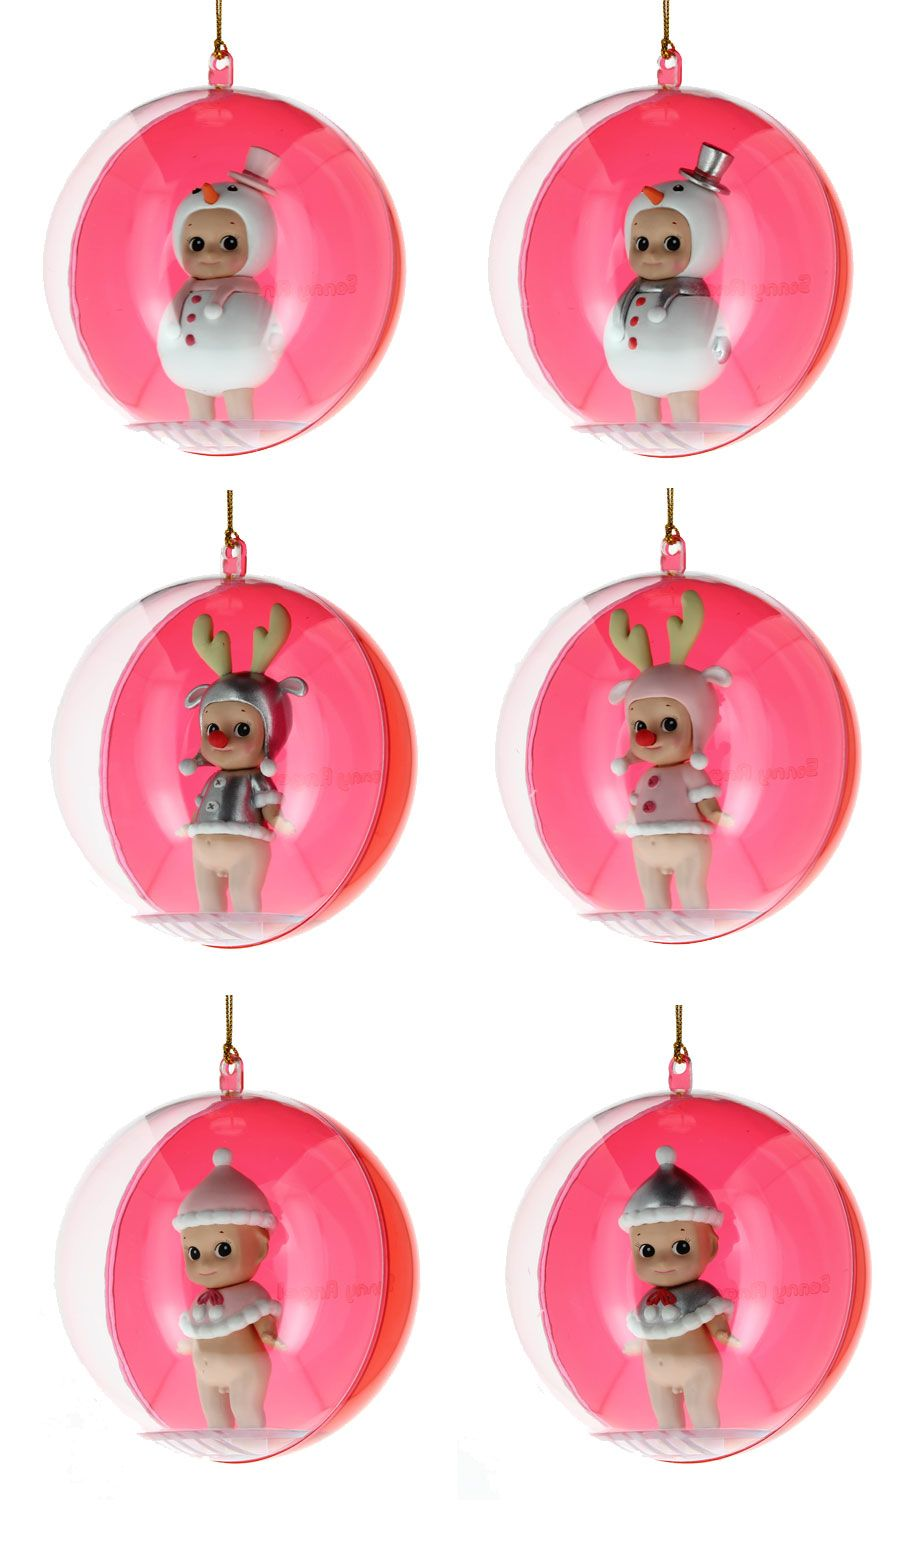 Boules de Noël   Sonny Angel   Boule de noel, Idées cadeaux, Idee